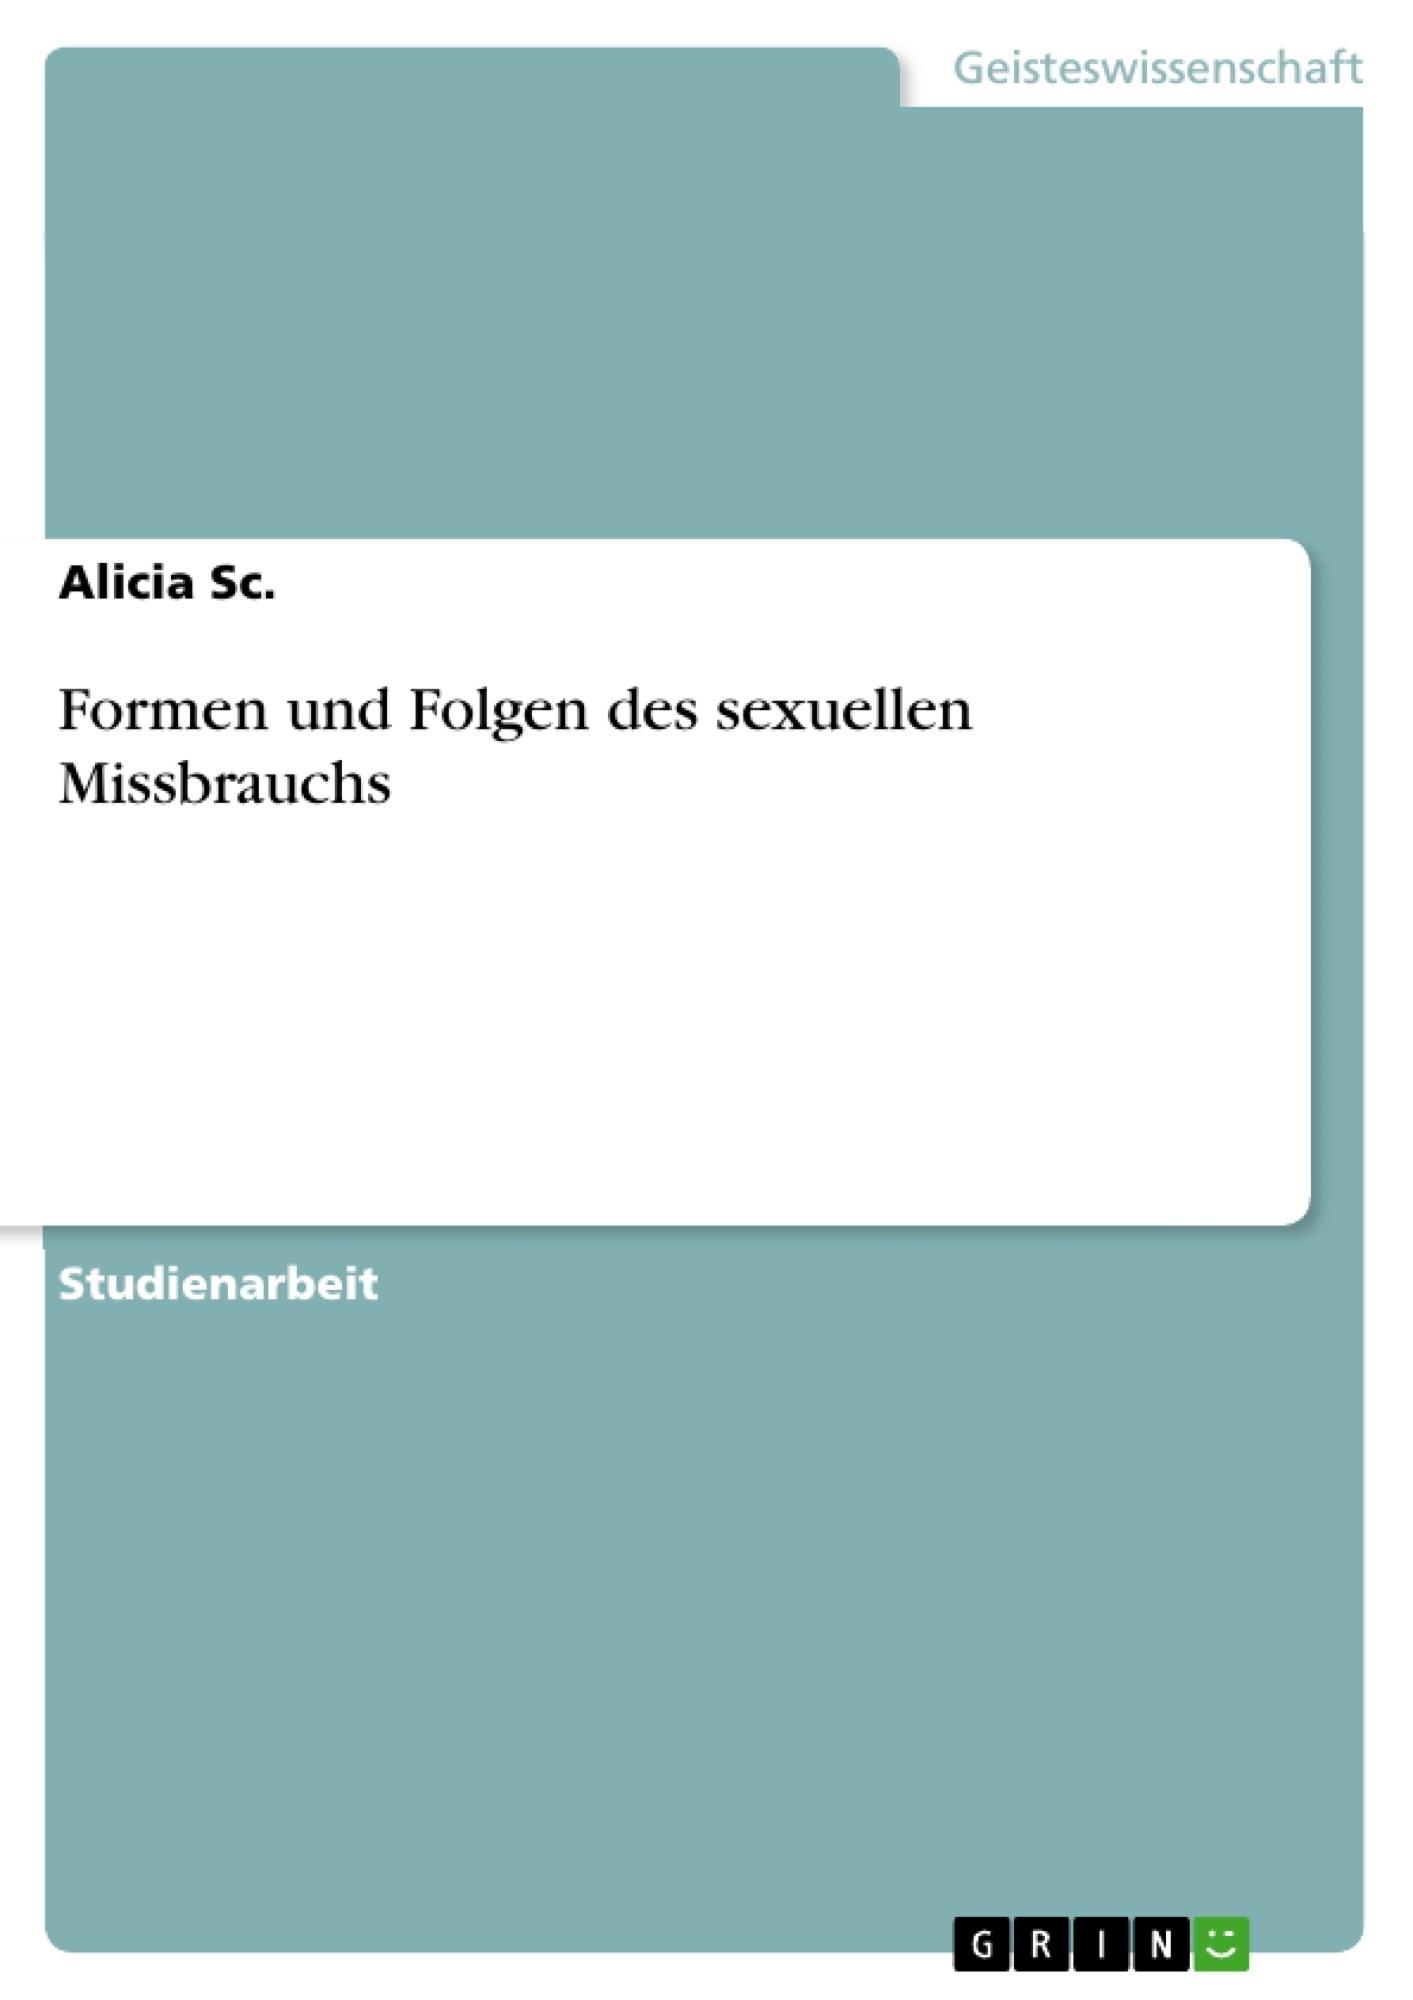 Titel: Formen und Folgen des sexuellen Missbrauchs